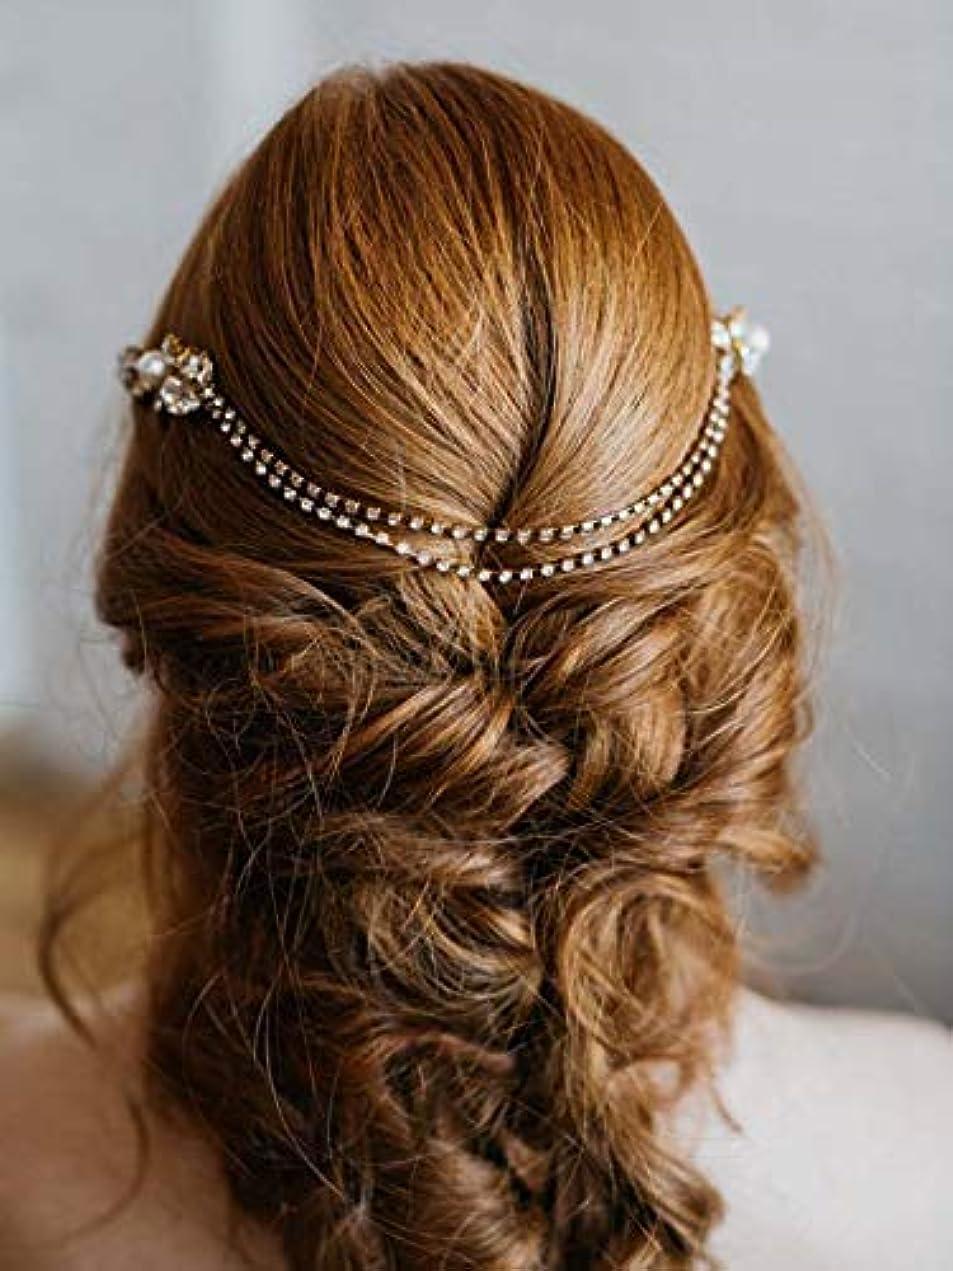 連鎖ゲートウェイ著作権Aukmla Wedding Hair Accessories Flower Hair Combs with Chain Decorative Bridal for Brides and Bridesmaids (Silver...